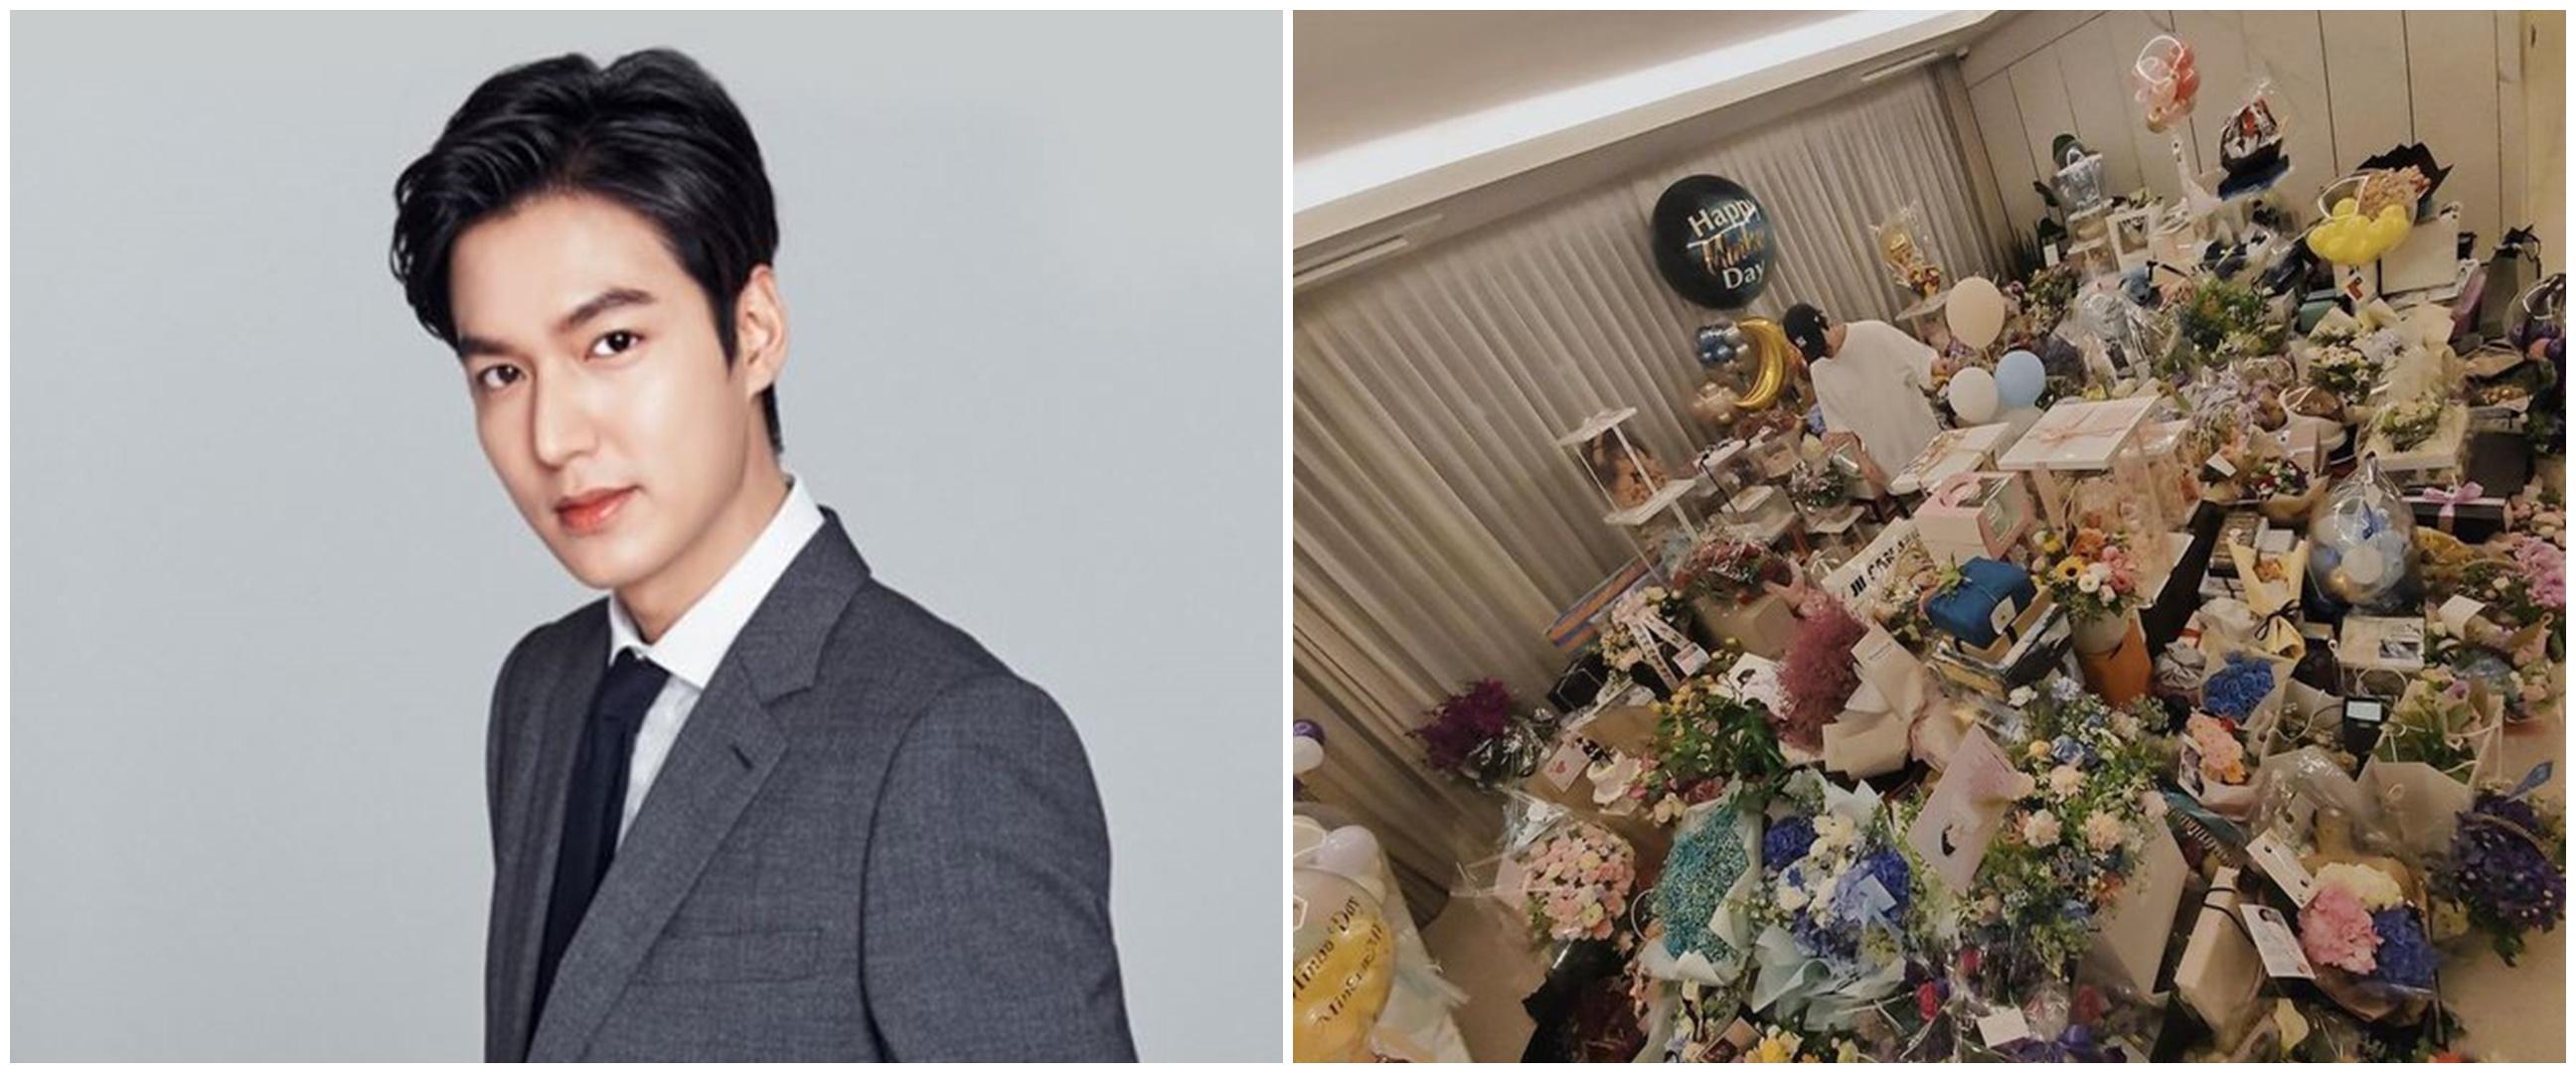 8 Potret perayaan ultah Lee Min-ho dari tahun ke tahun, banjir kado